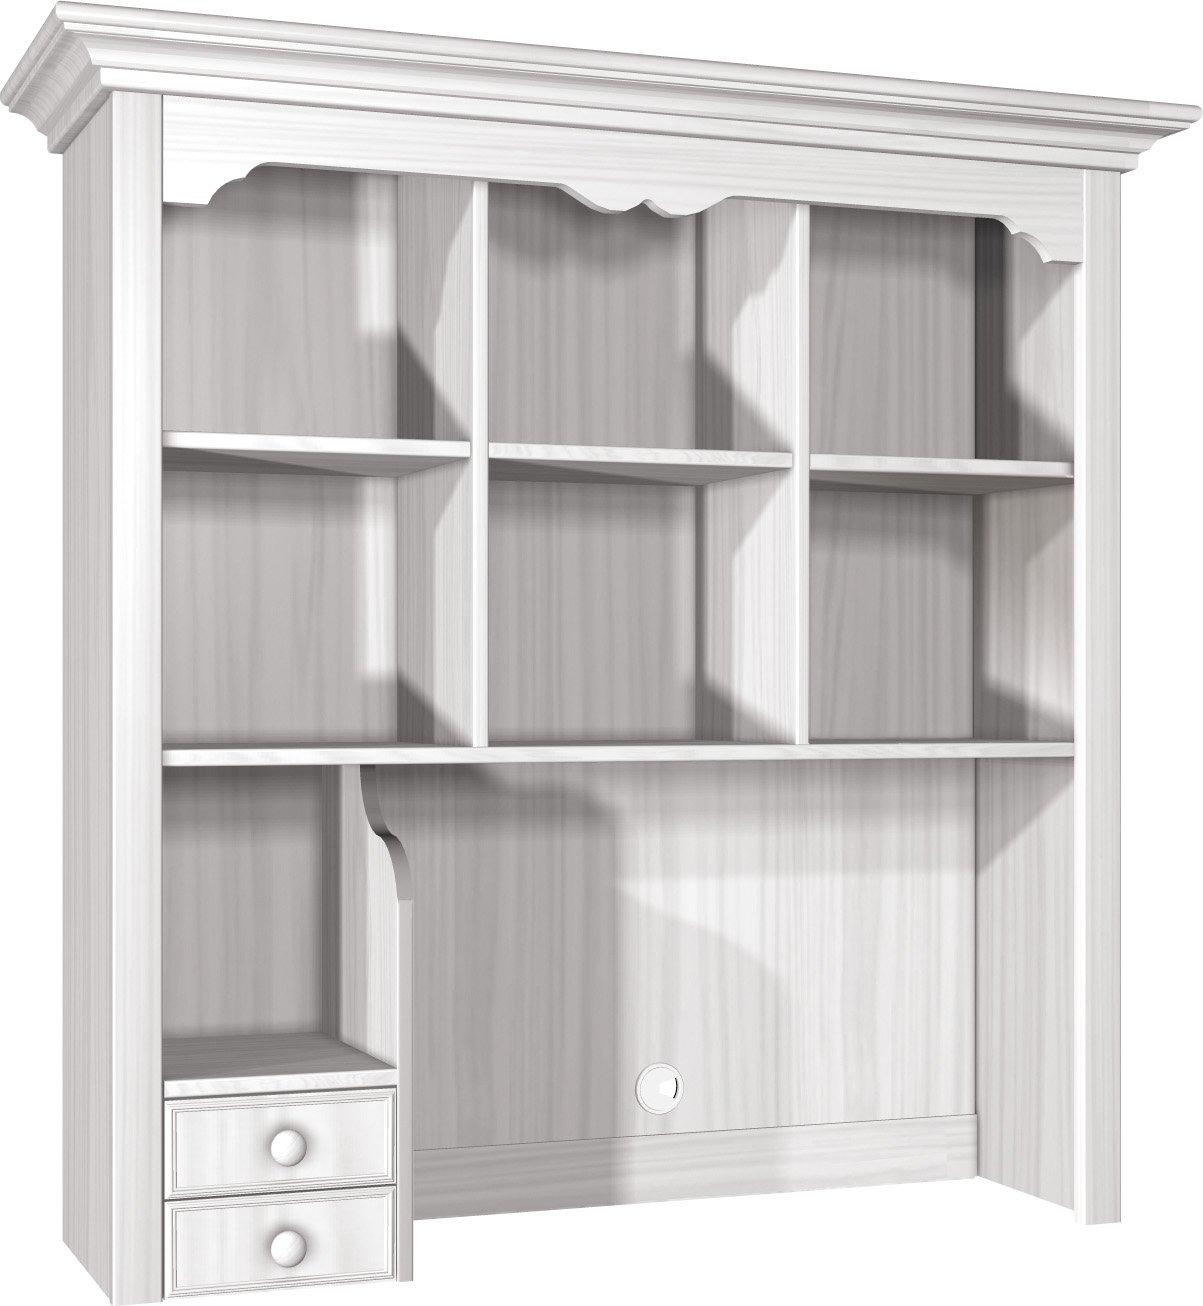 """Firstloft 501-3100 Schreibtisch-Set """"Cinderella Premium"""" bestehend aus Schreibtisch inklusive Aufsatz, 132 x 206 x 58 cm, Kiefer, teilmassiv, weiß"""